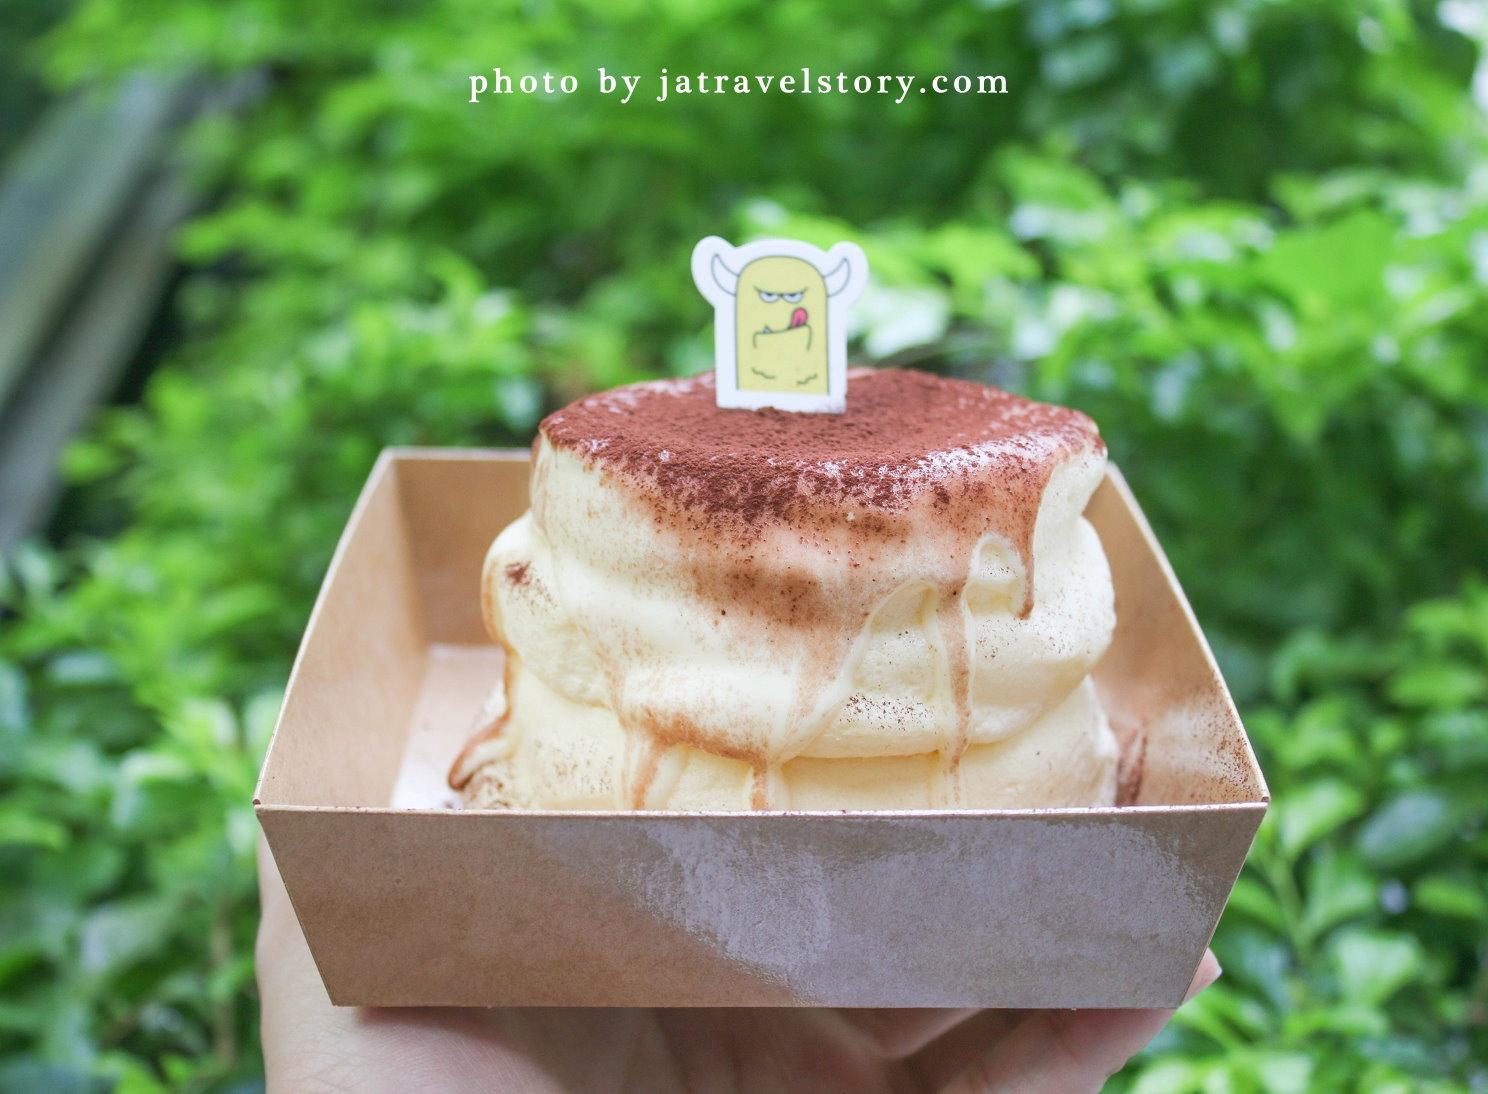 怪舒芙Monster Souffle 舒芙蕾鬆餅100元就吃的到,蓬鬆入口即化!【捷運公館】公館美食/台大美食 @J&A的旅行